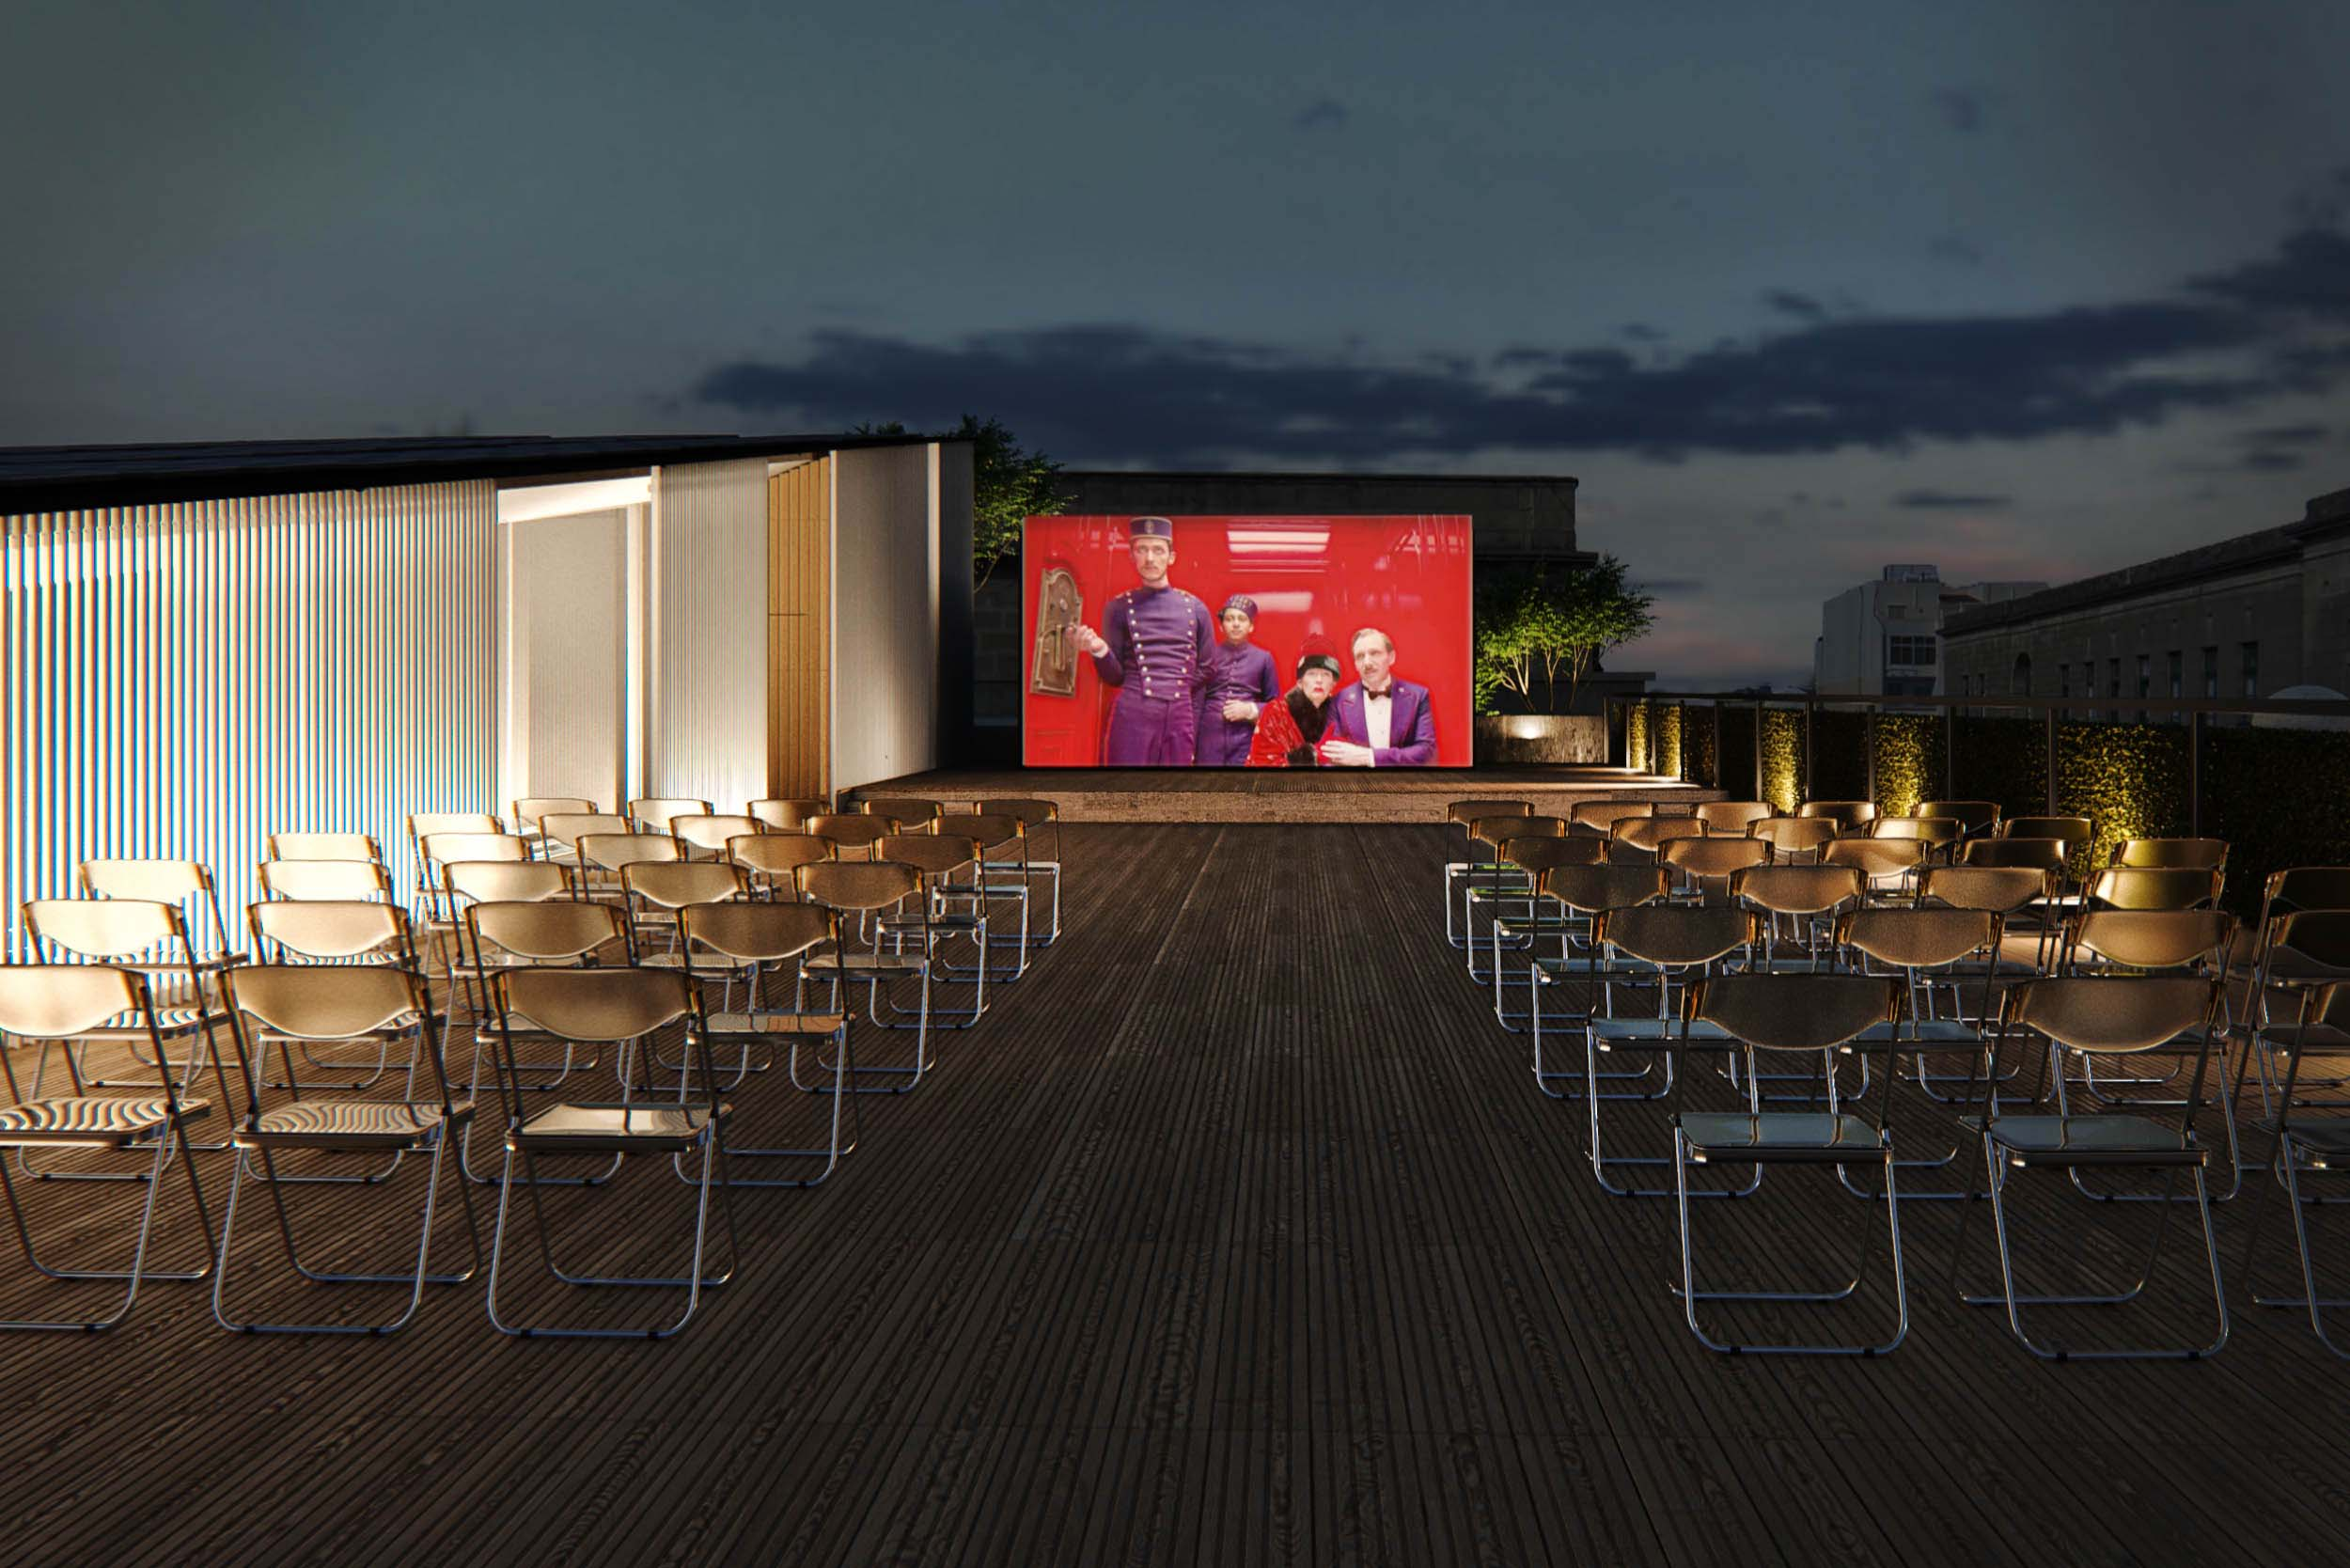 https://dprostudio.com/wp-content/uploads/2020/11/Teatru-Salesjan-_-roof-night.jpg